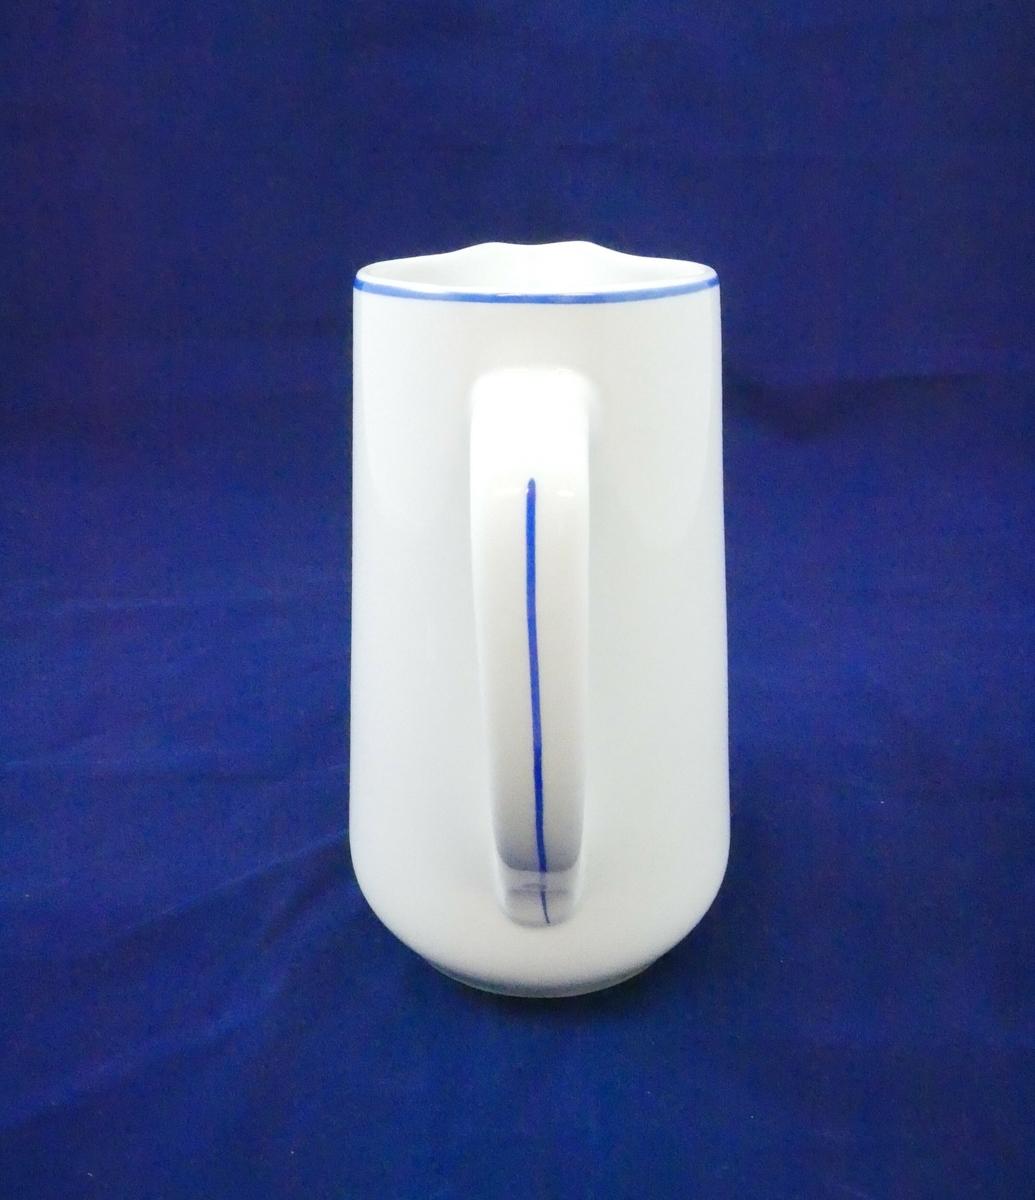 Hvit porselenskanne med håndtak på den ene siden. På håndtaket og rundt kanten på kannen er det en blå stripe. Den ene siden smalner ut og danner en tut